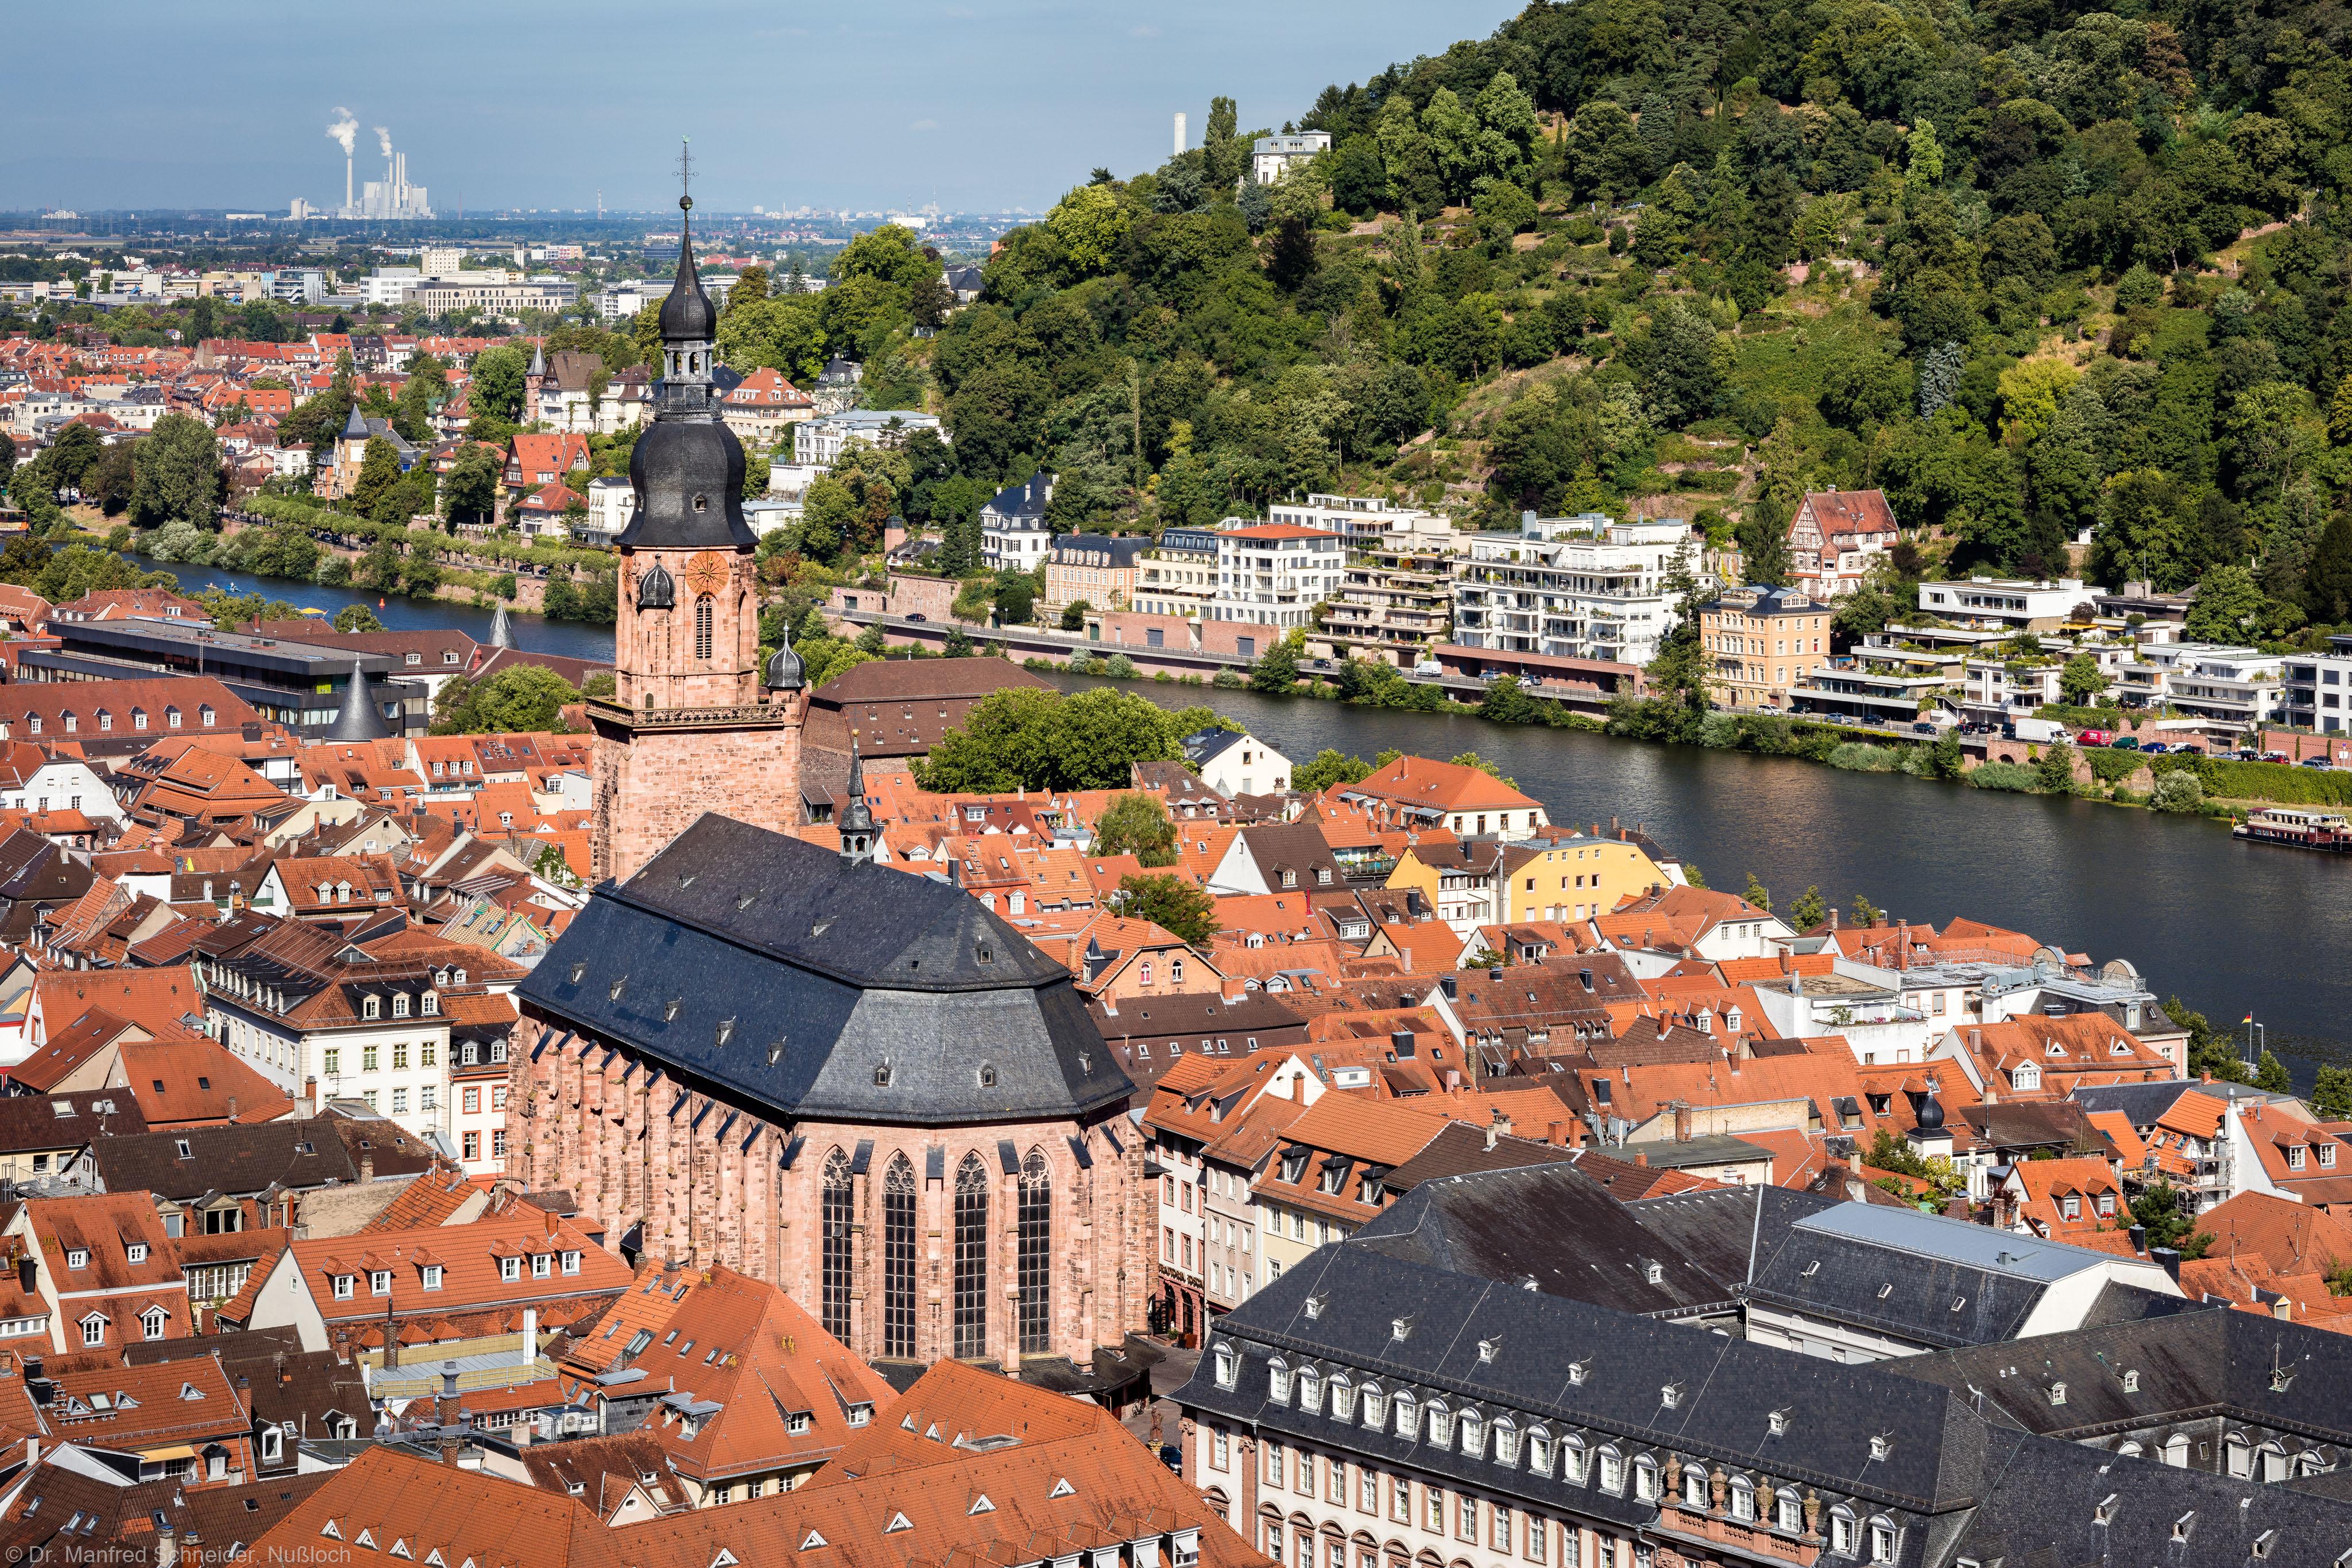 Heidelberg - Heiliggeistkirche - Südostseite - Blick vom Schloss auf Heidelberg und die Südostseite der Heiliggeistkirche (aufgenommen im August 2015, am späten Vormittag)